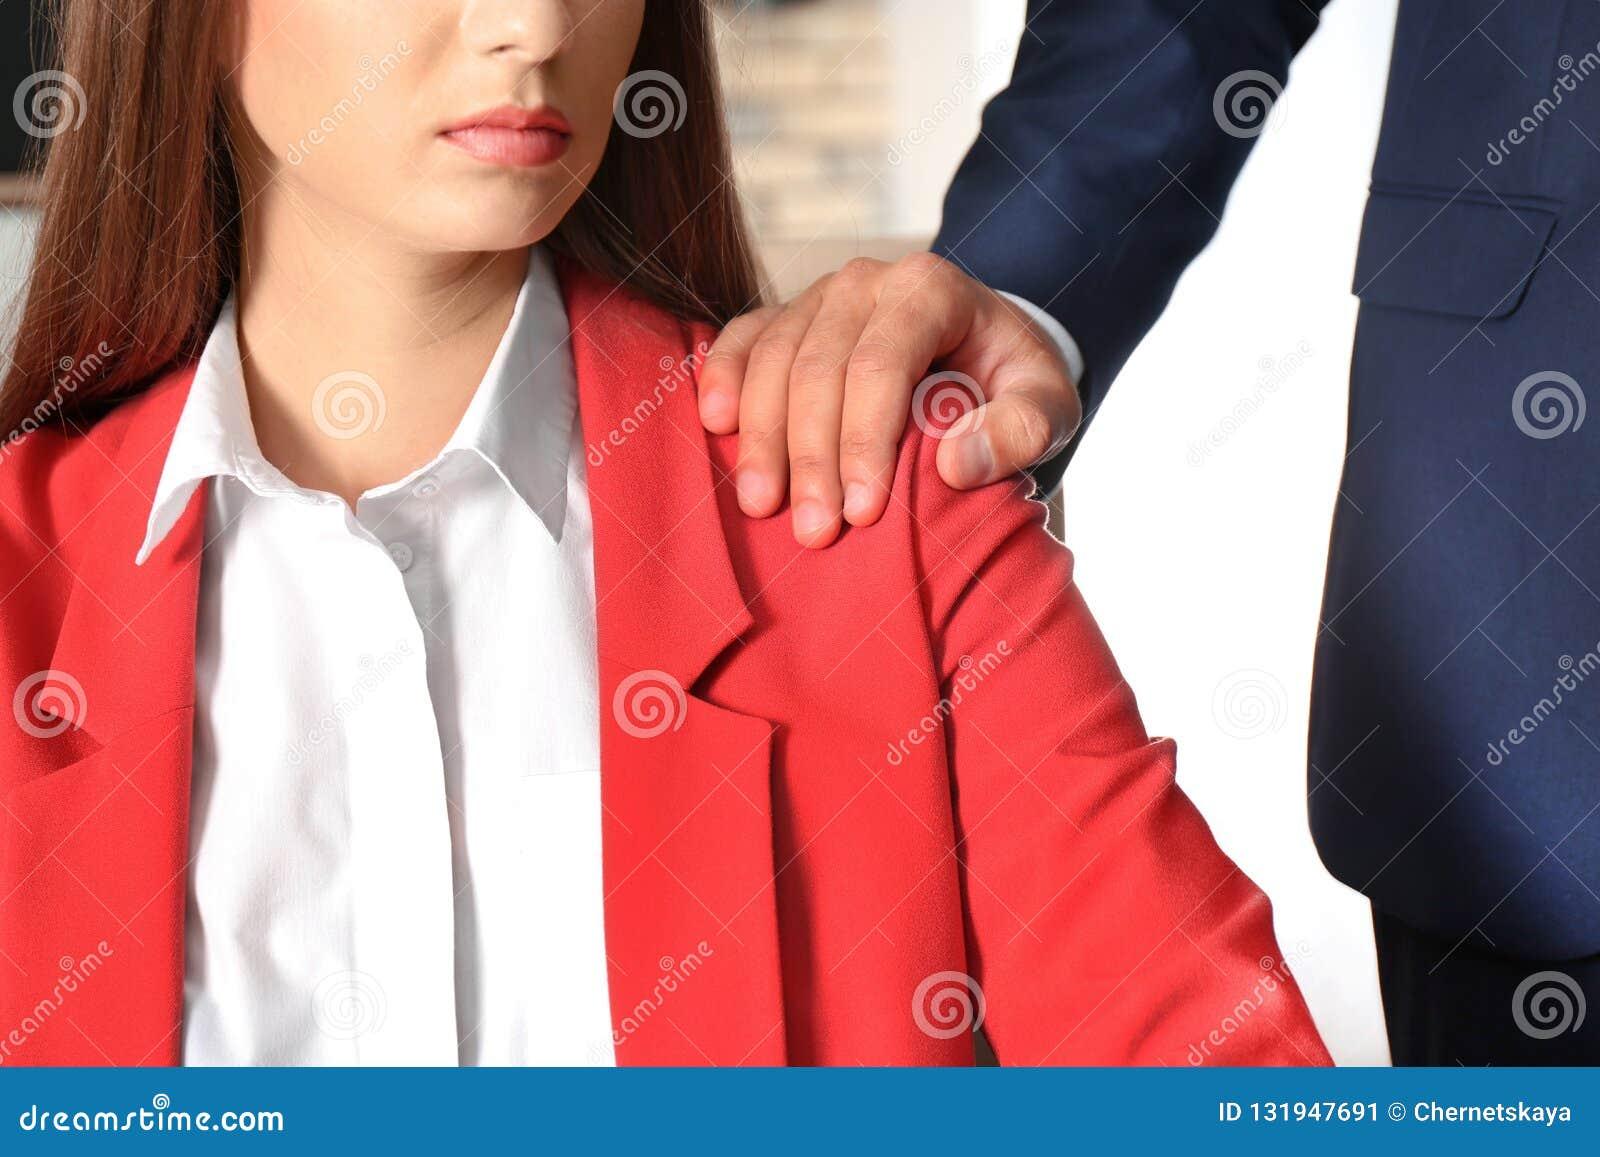 Κύριος κακοποιώντας το θηλυκό γραμματέα του στην αρχή, κινηματογράφηση σε πρώτο πλάνο